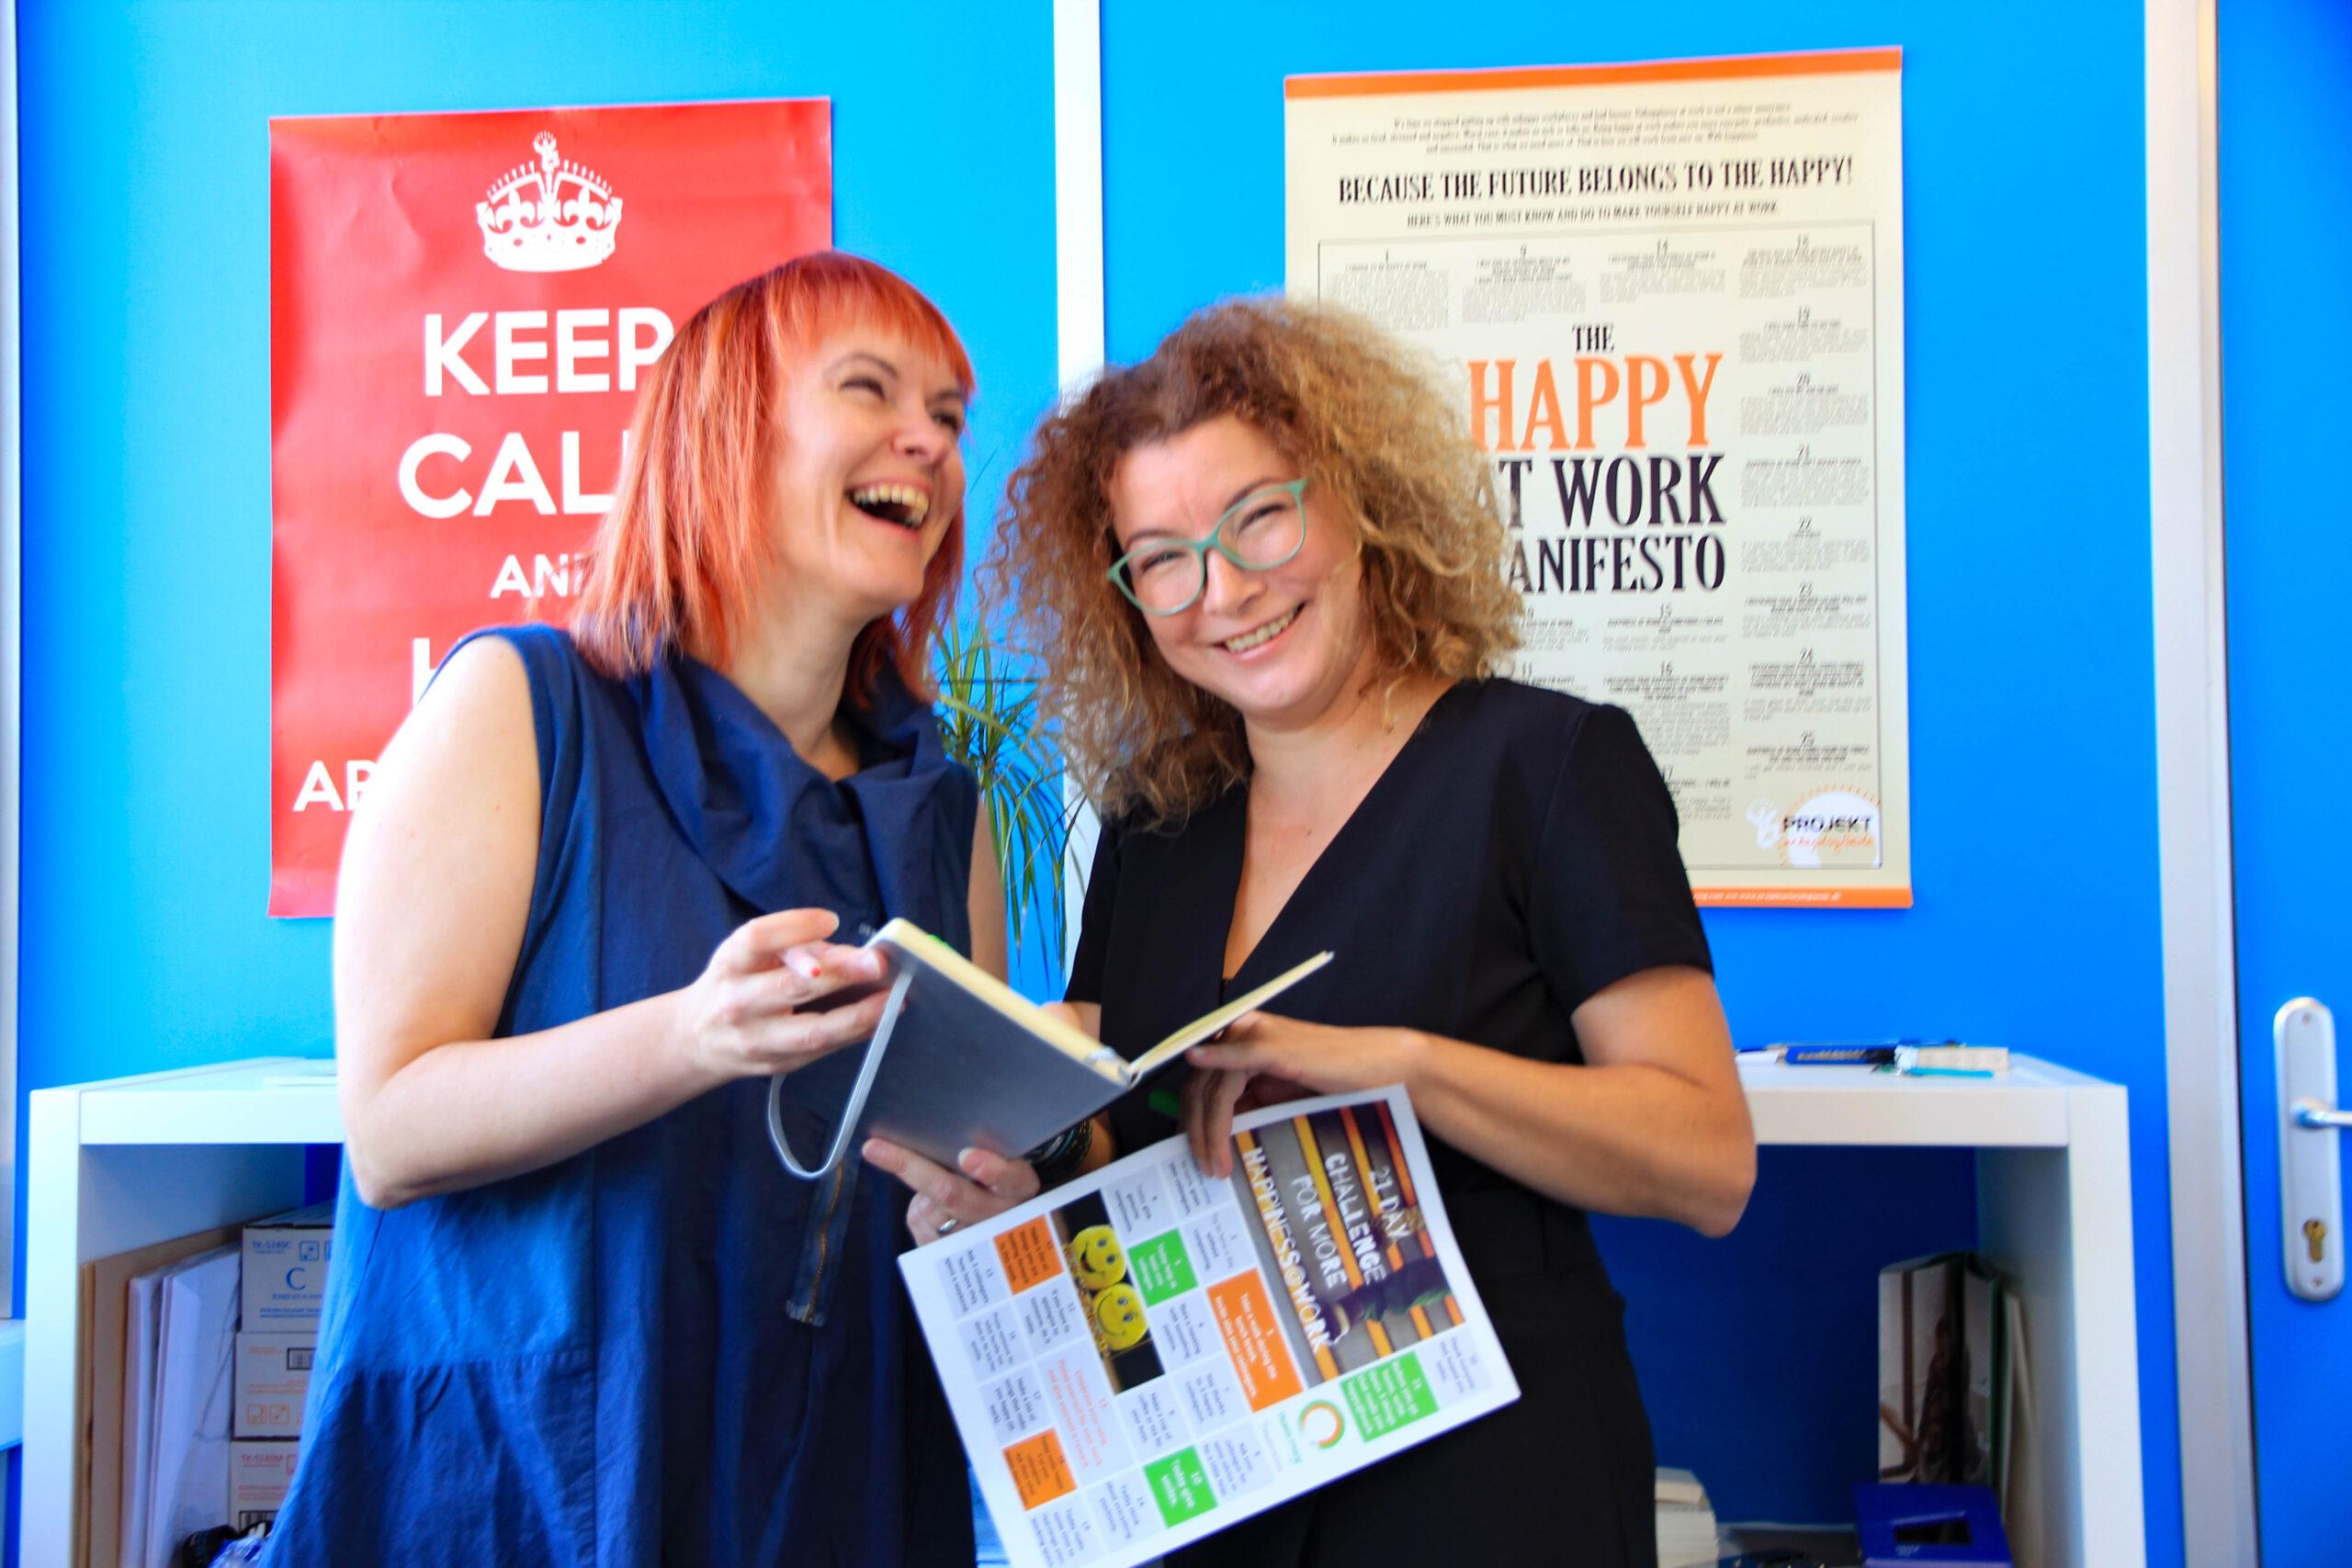 Petra Božič Blagajac in Maja Lončar, mednarodno certificirani managerki delovne sreče in svetovalki za pozitivno organizacijsko kulturo iz Palete znanj